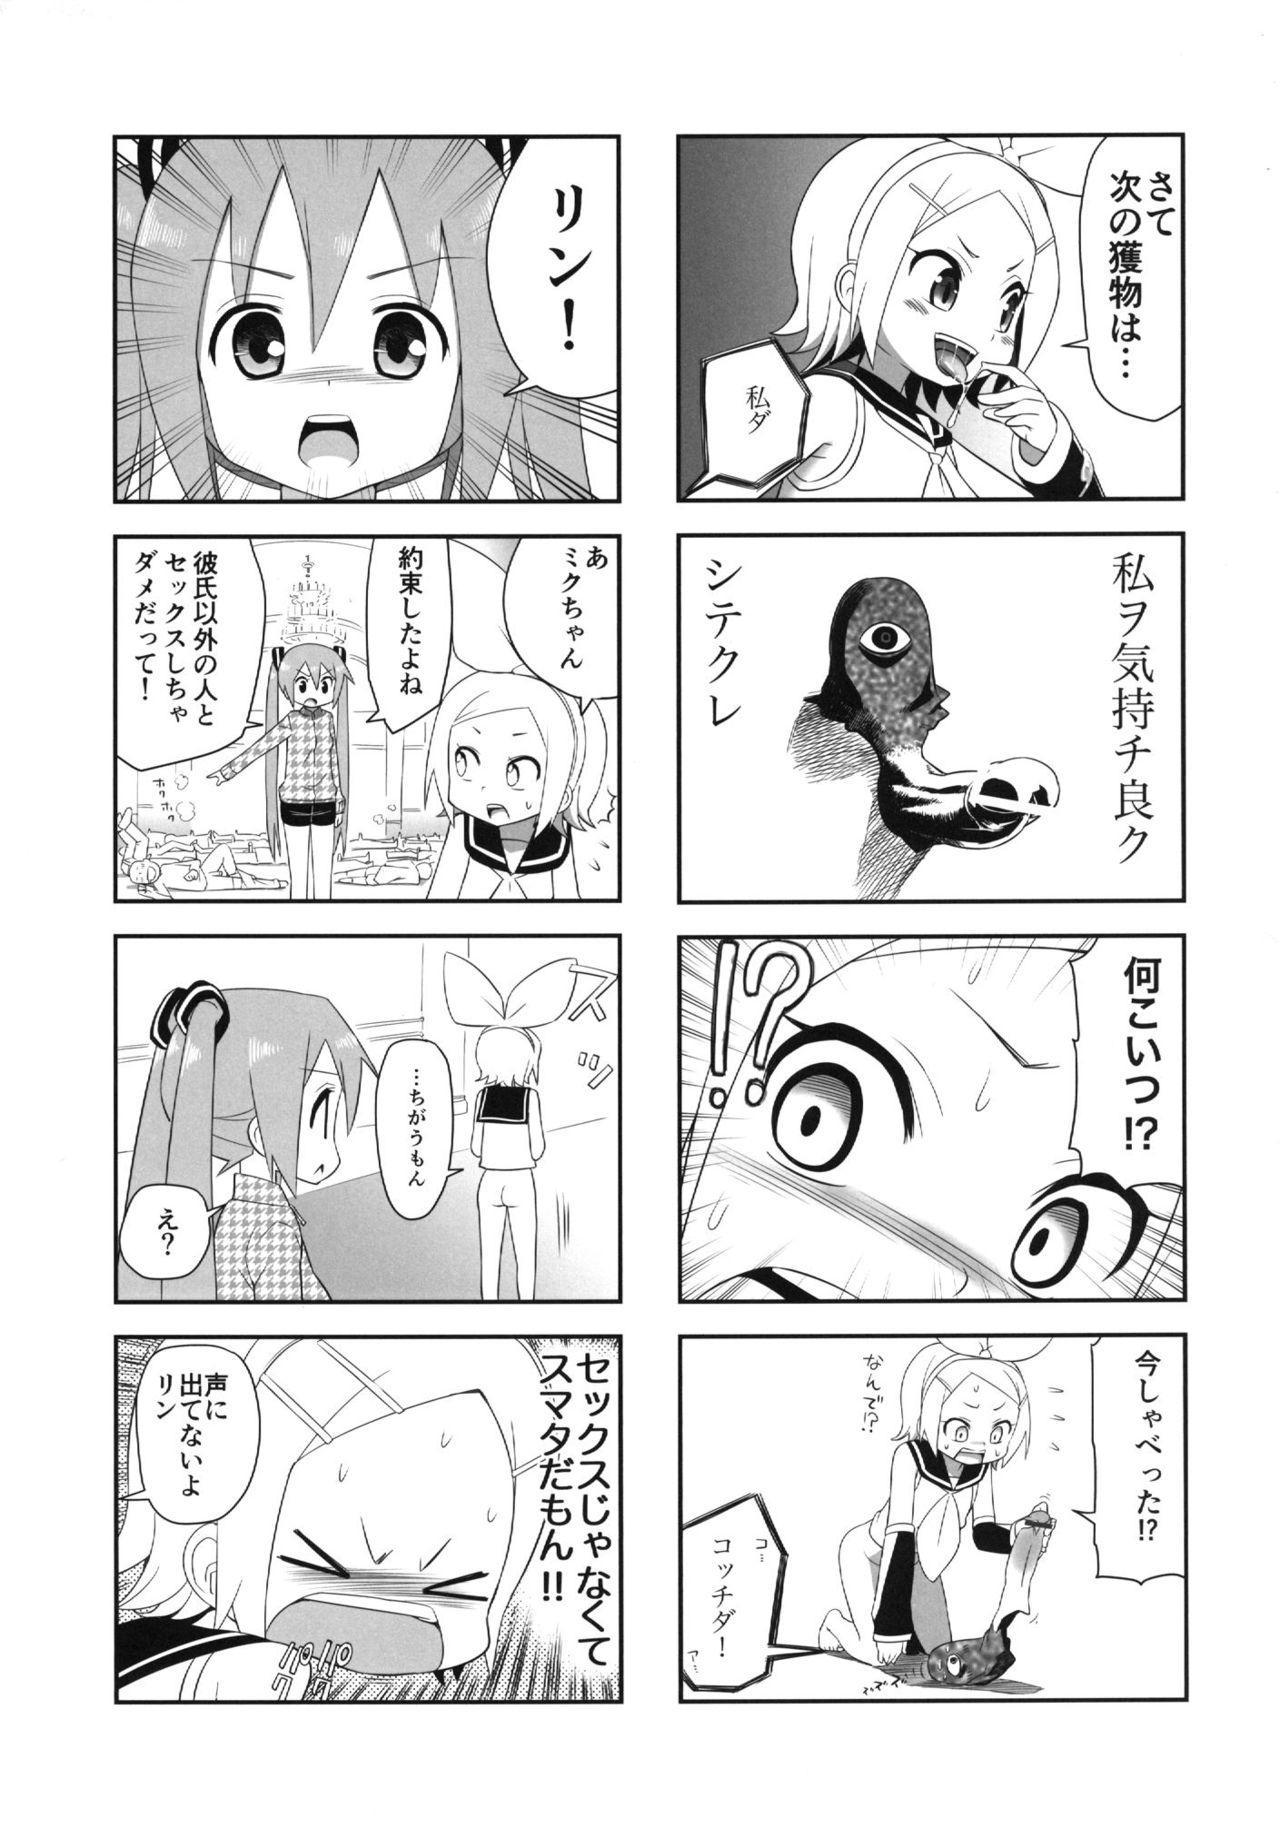 Mikkumiku na Hannou volume. 5 17